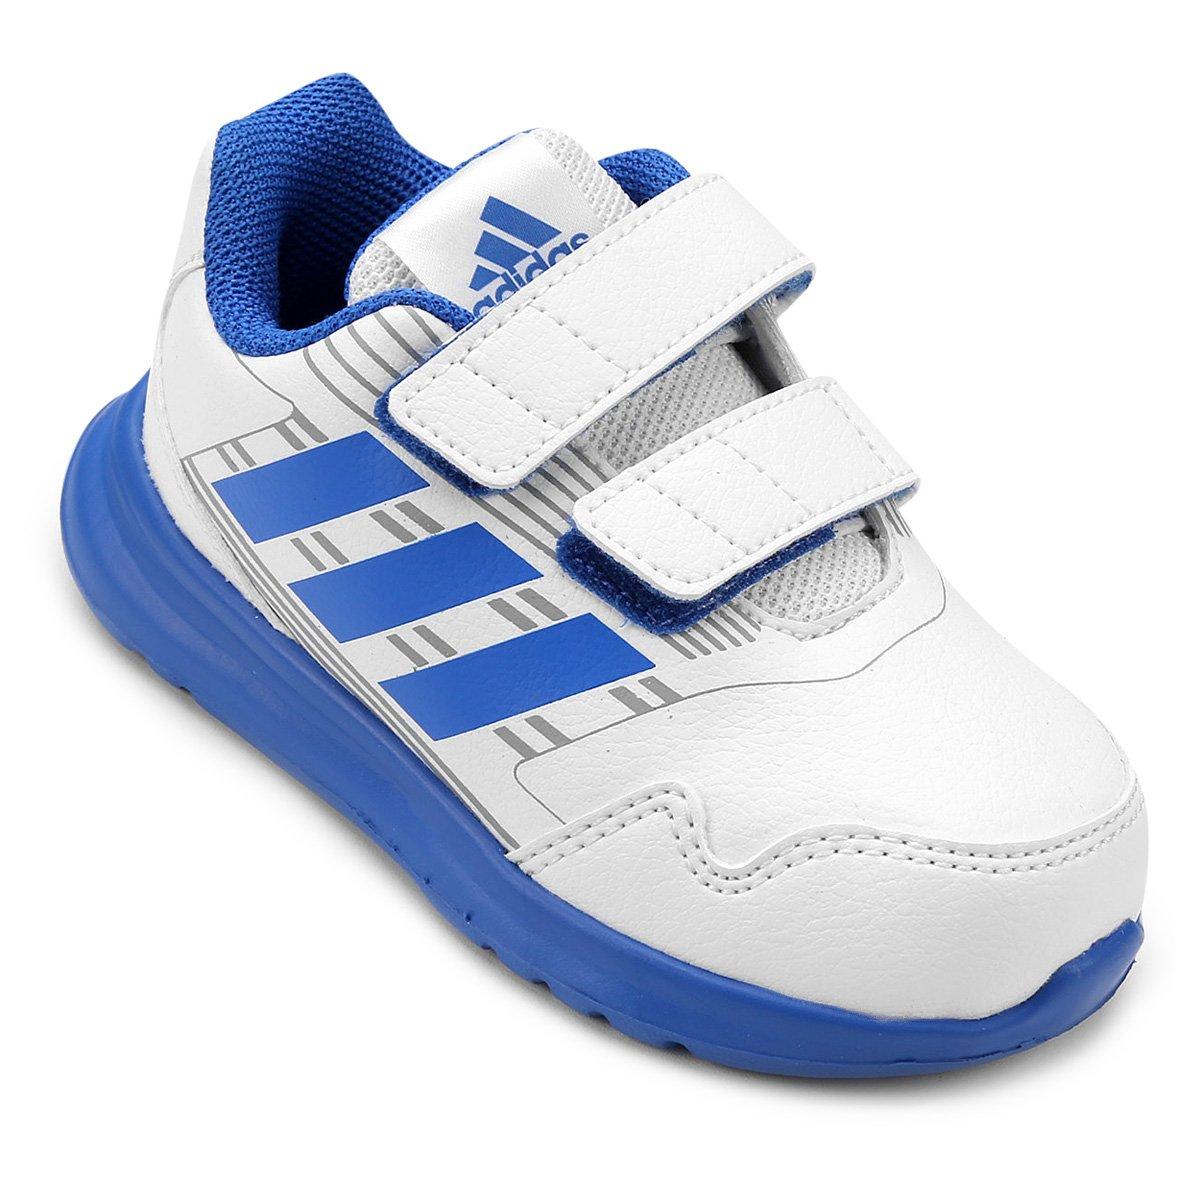 86a22654d0e Tênis Adidas Altarun Cf Infantil - Branco e Azul - Compre Agora ...